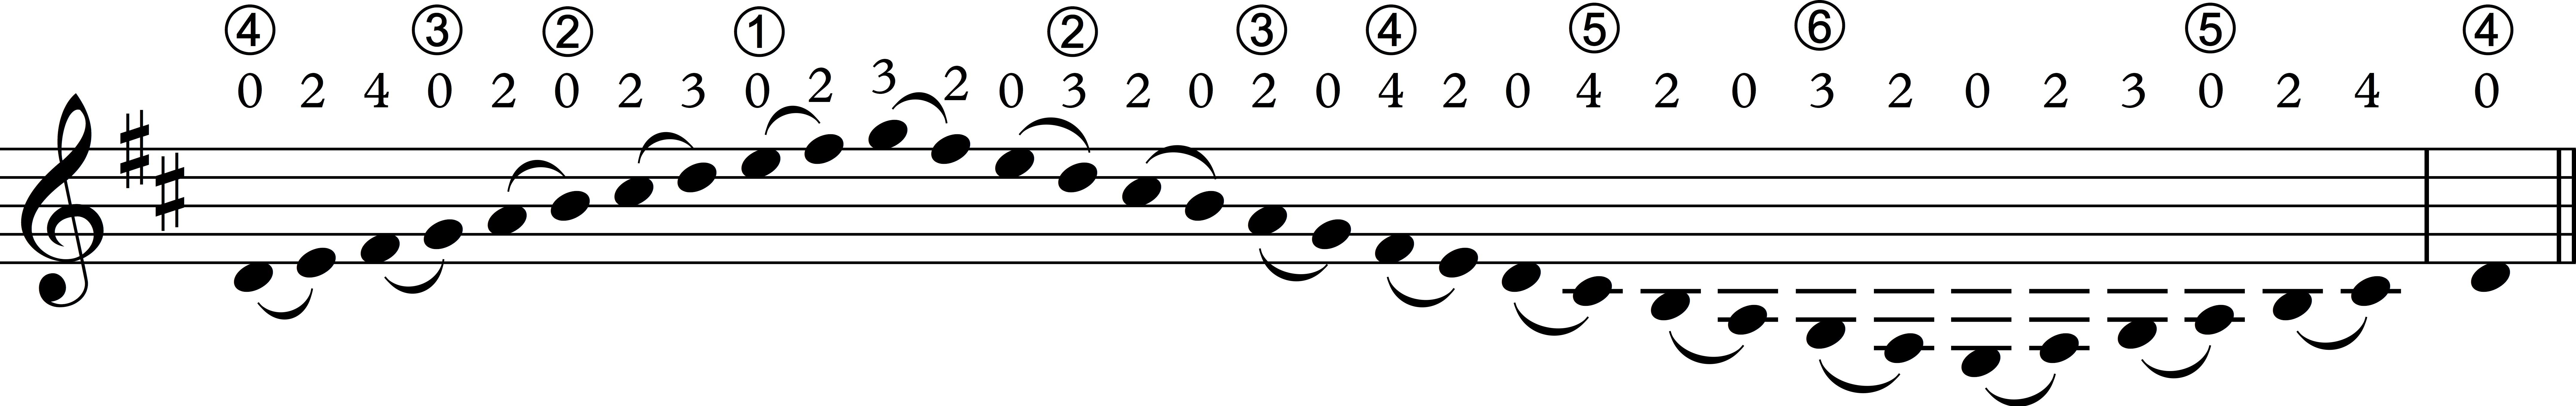 Scale D major open Phrase 1.jpg